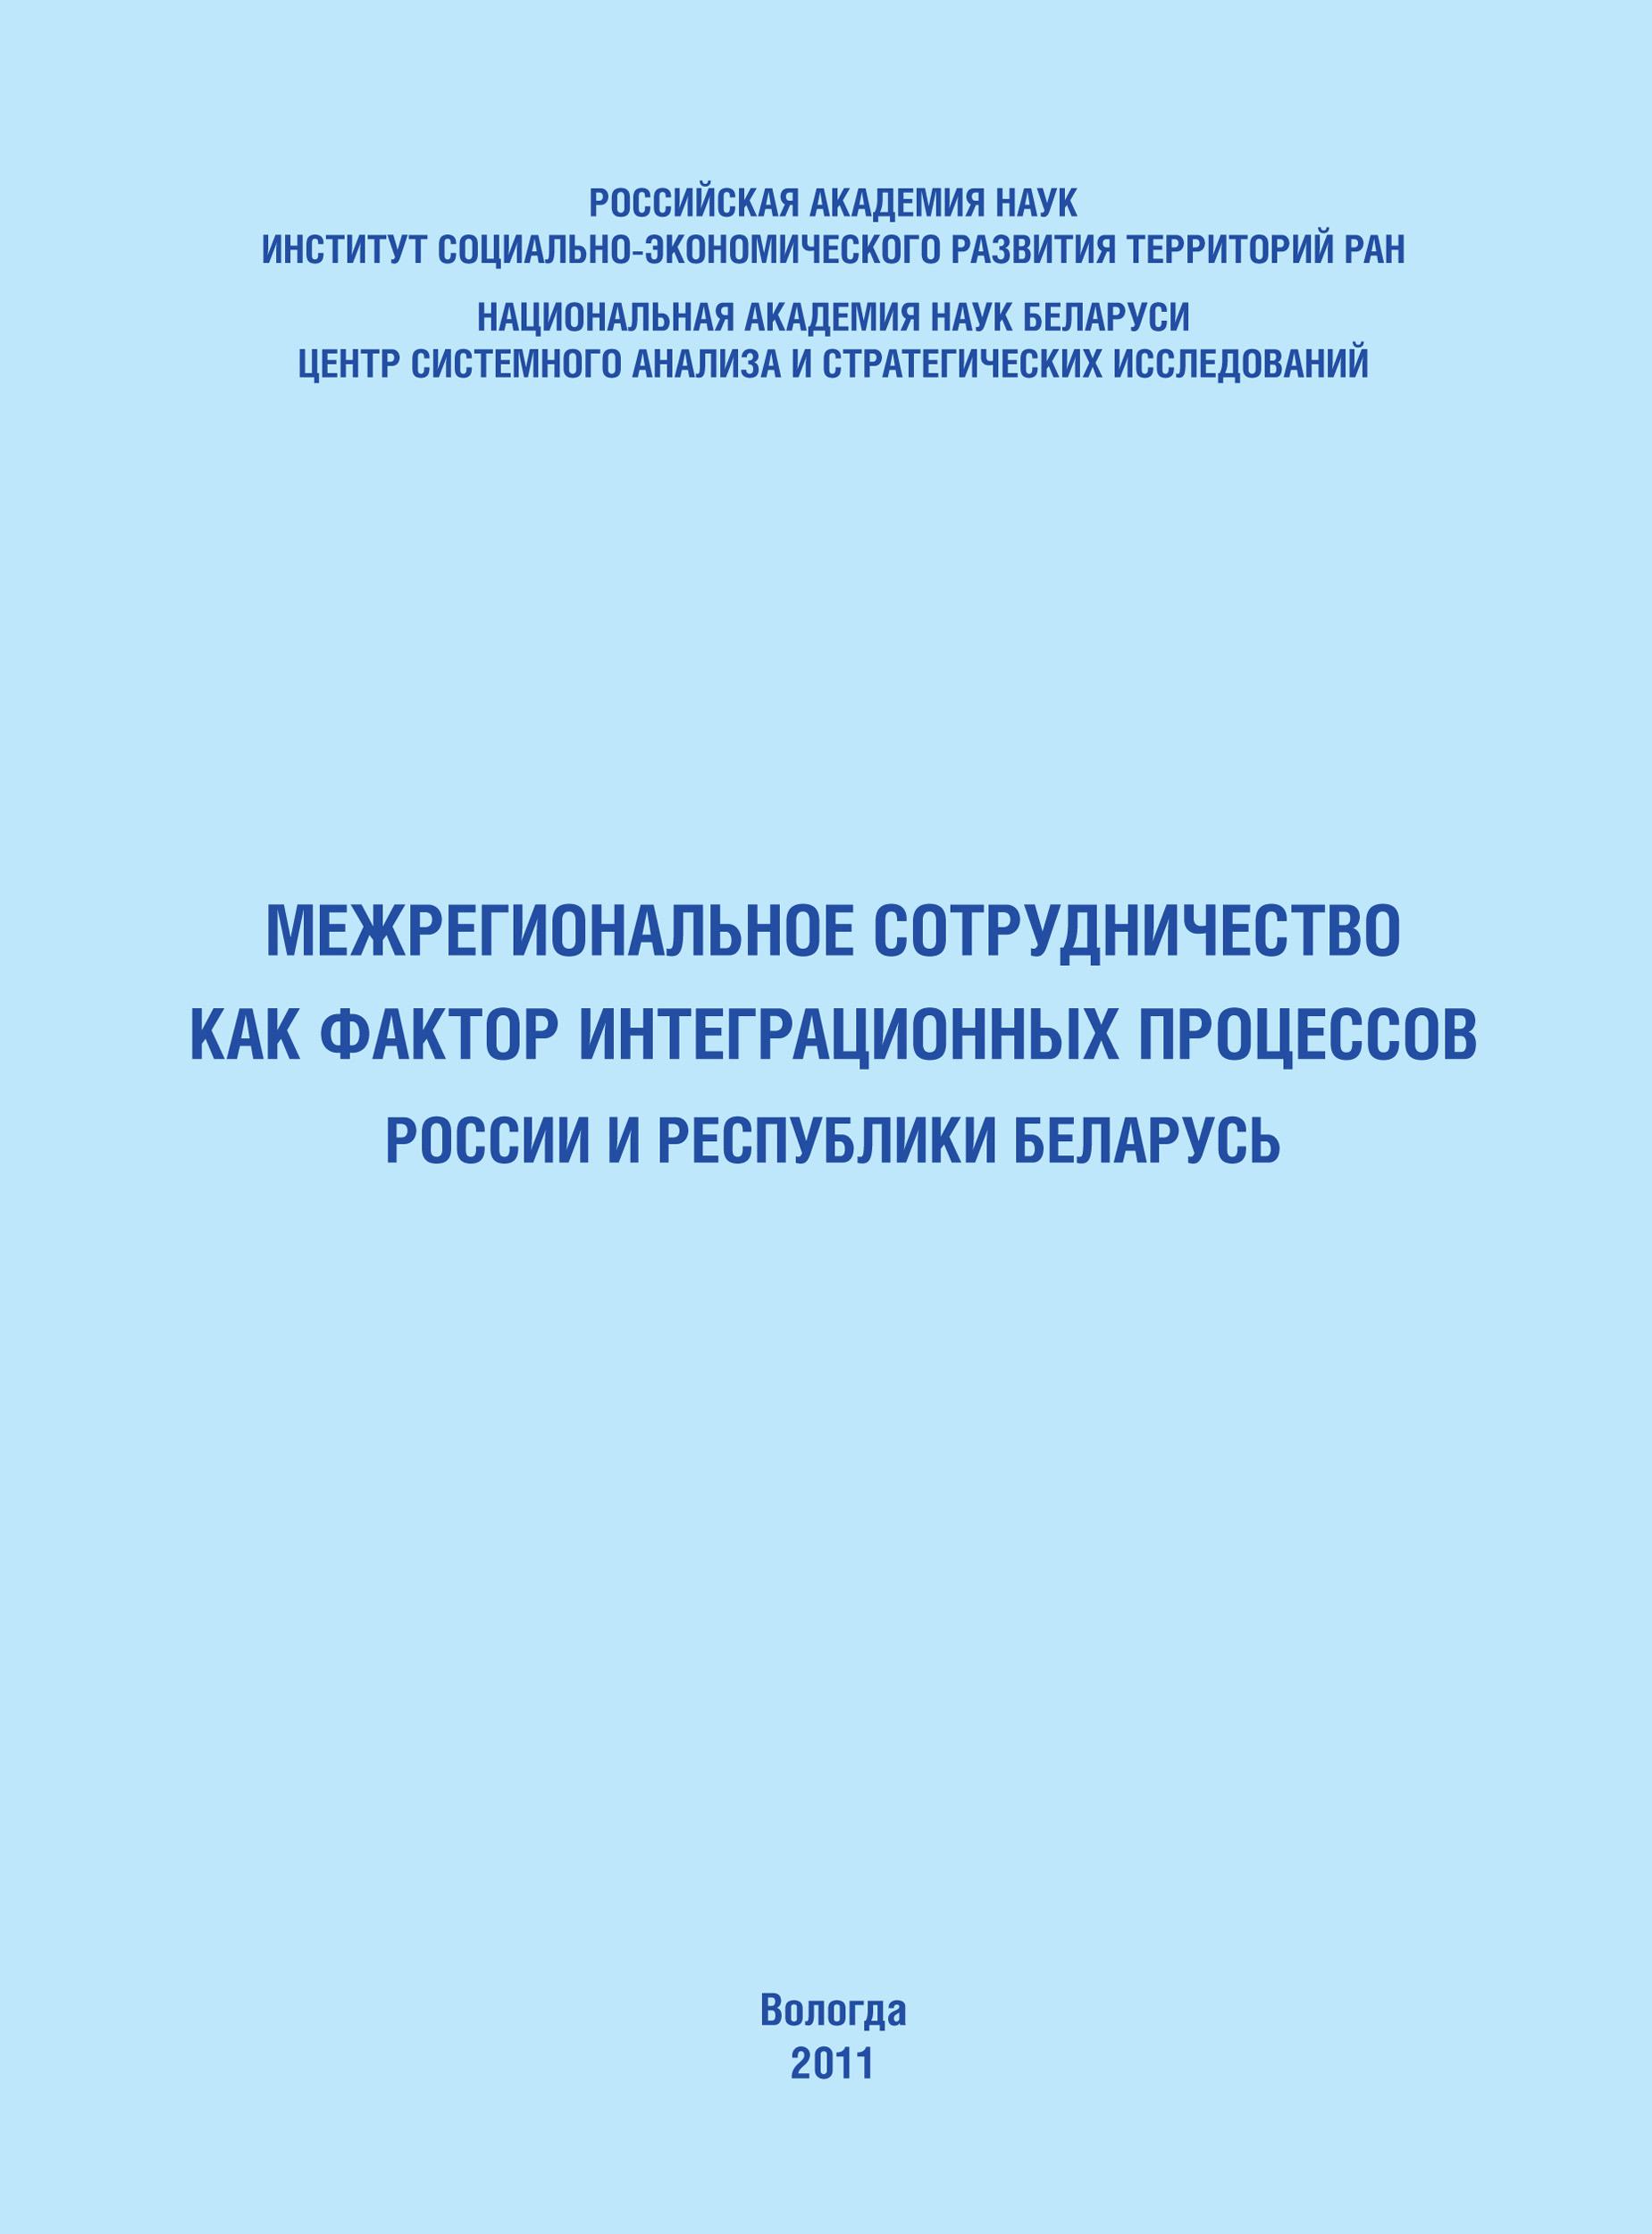 Т. В. Ускова Межрегиональное сотрудничество как фактор интеграционных процессов России и Республики Беларусь